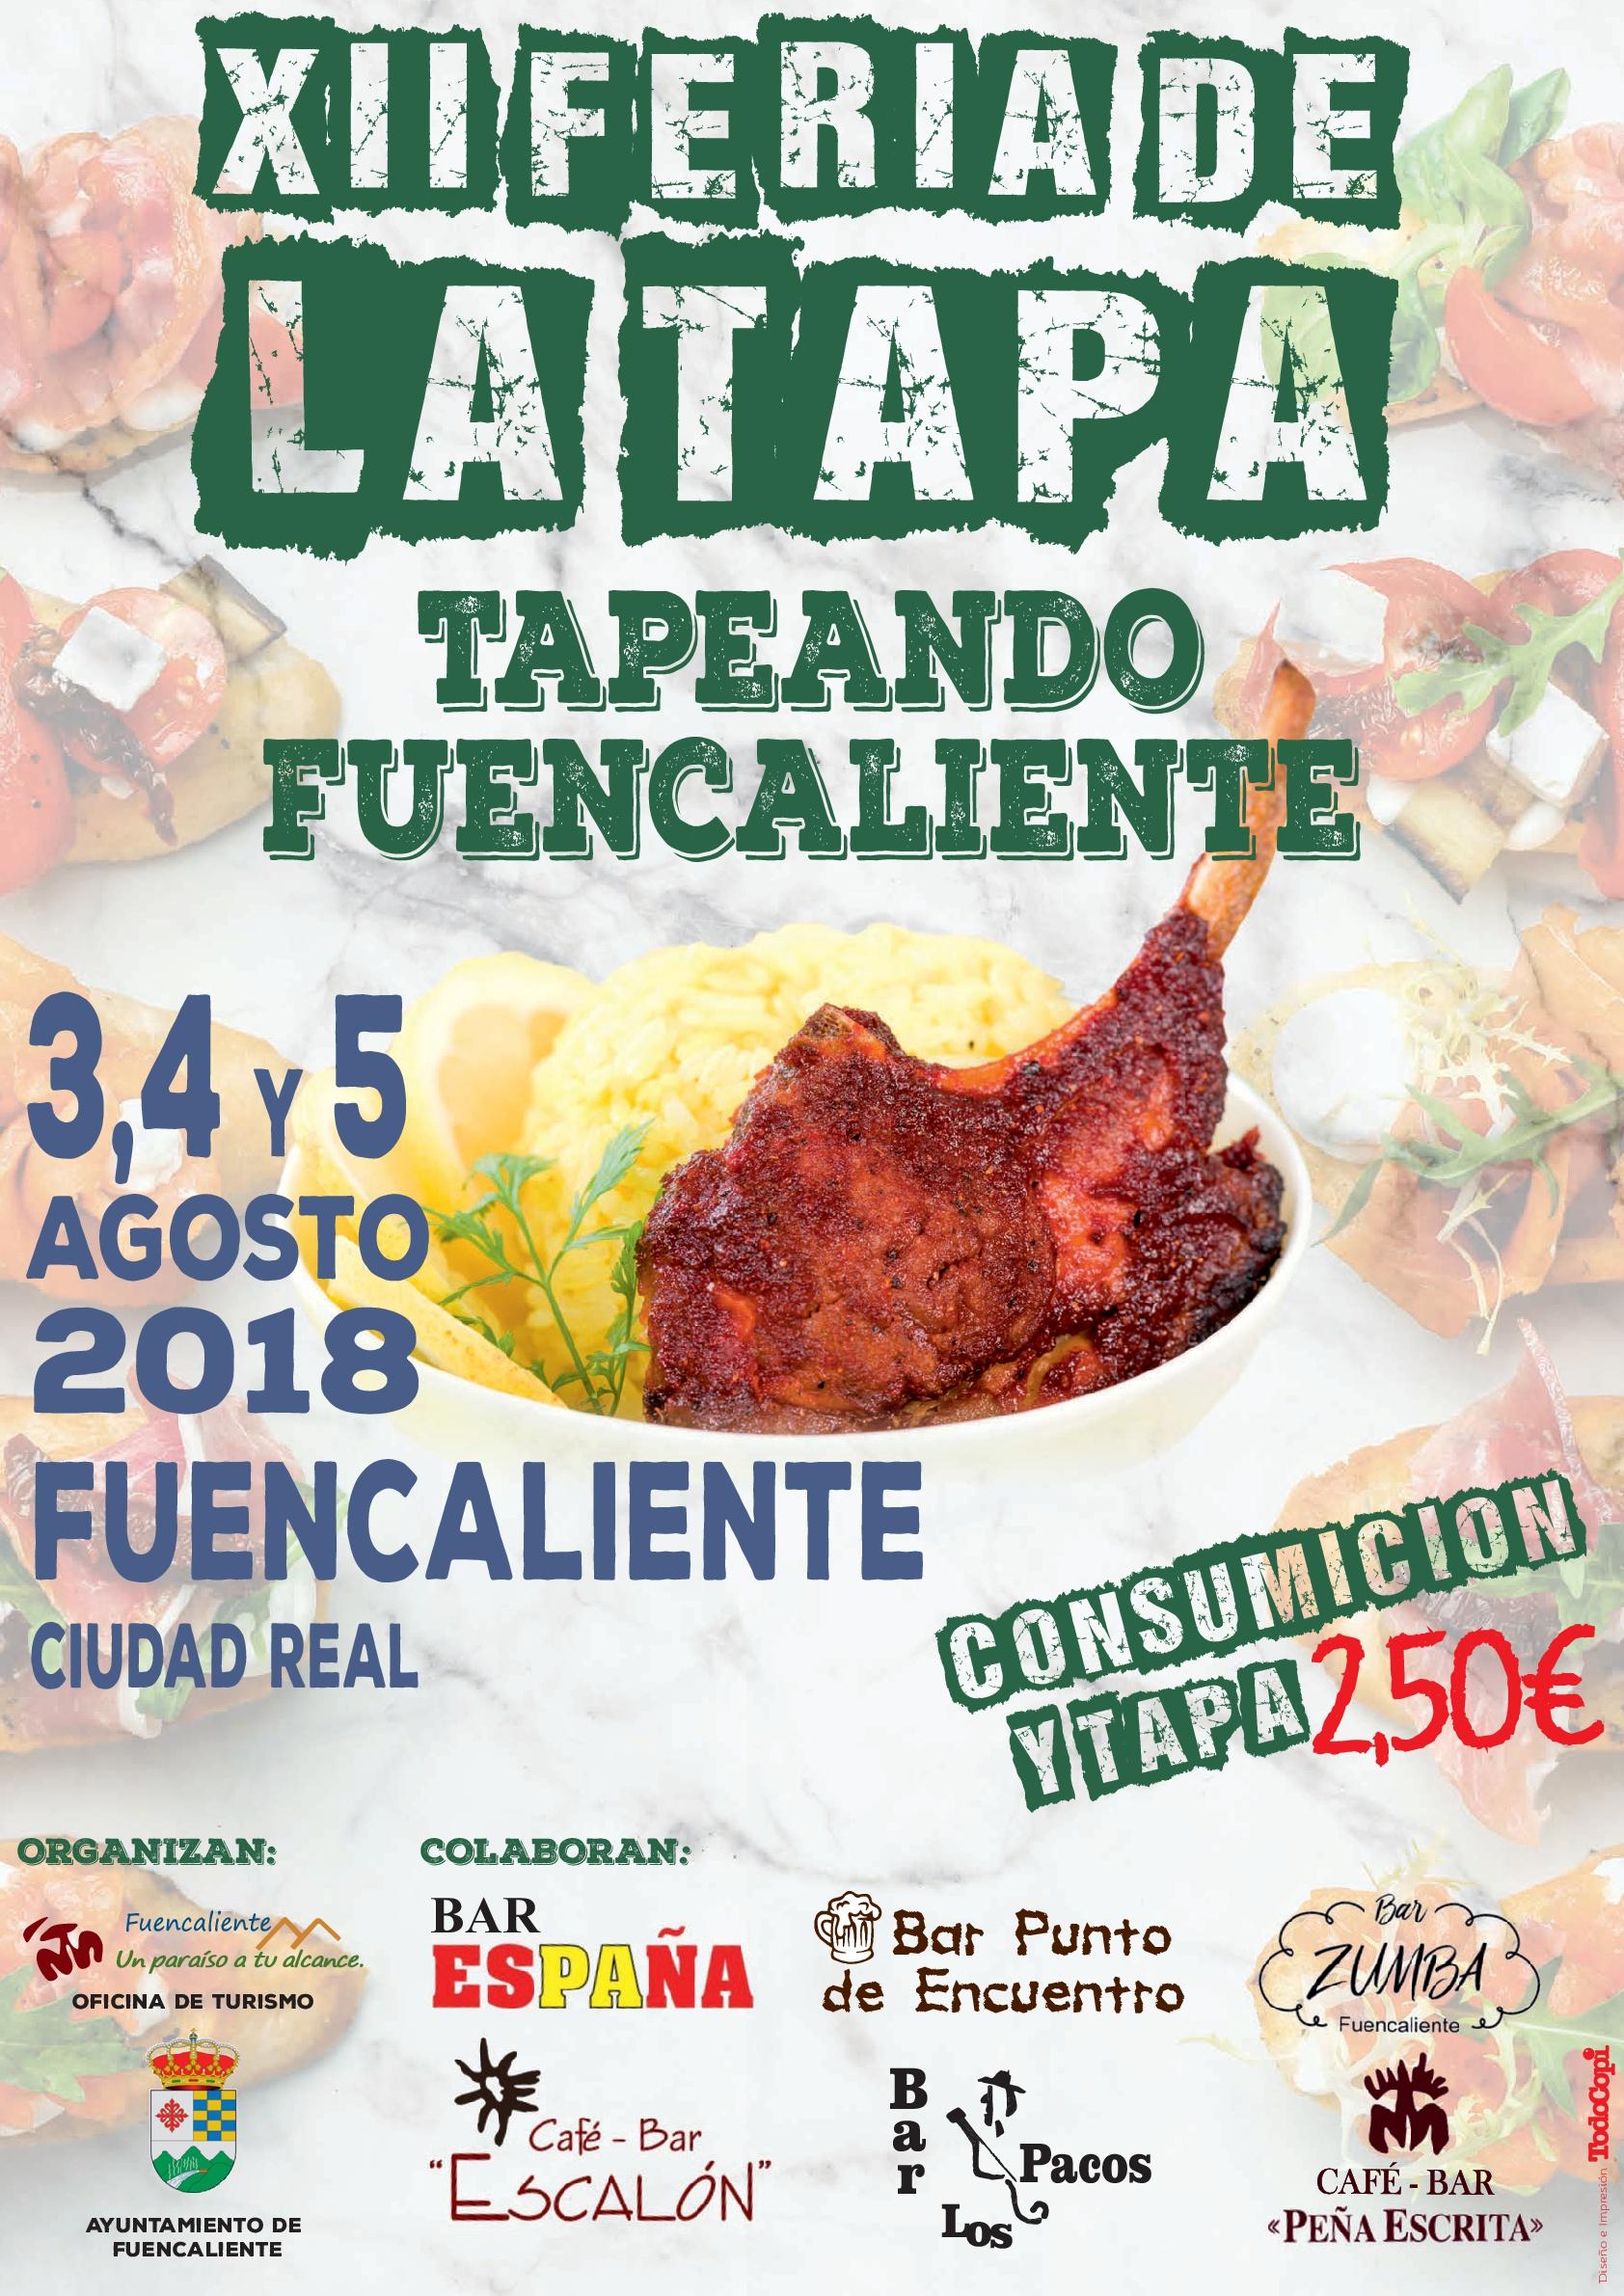 Imagen de la actividad TAPEANDO FUENCALIENTE! - XII FERIA DE LA TAPA